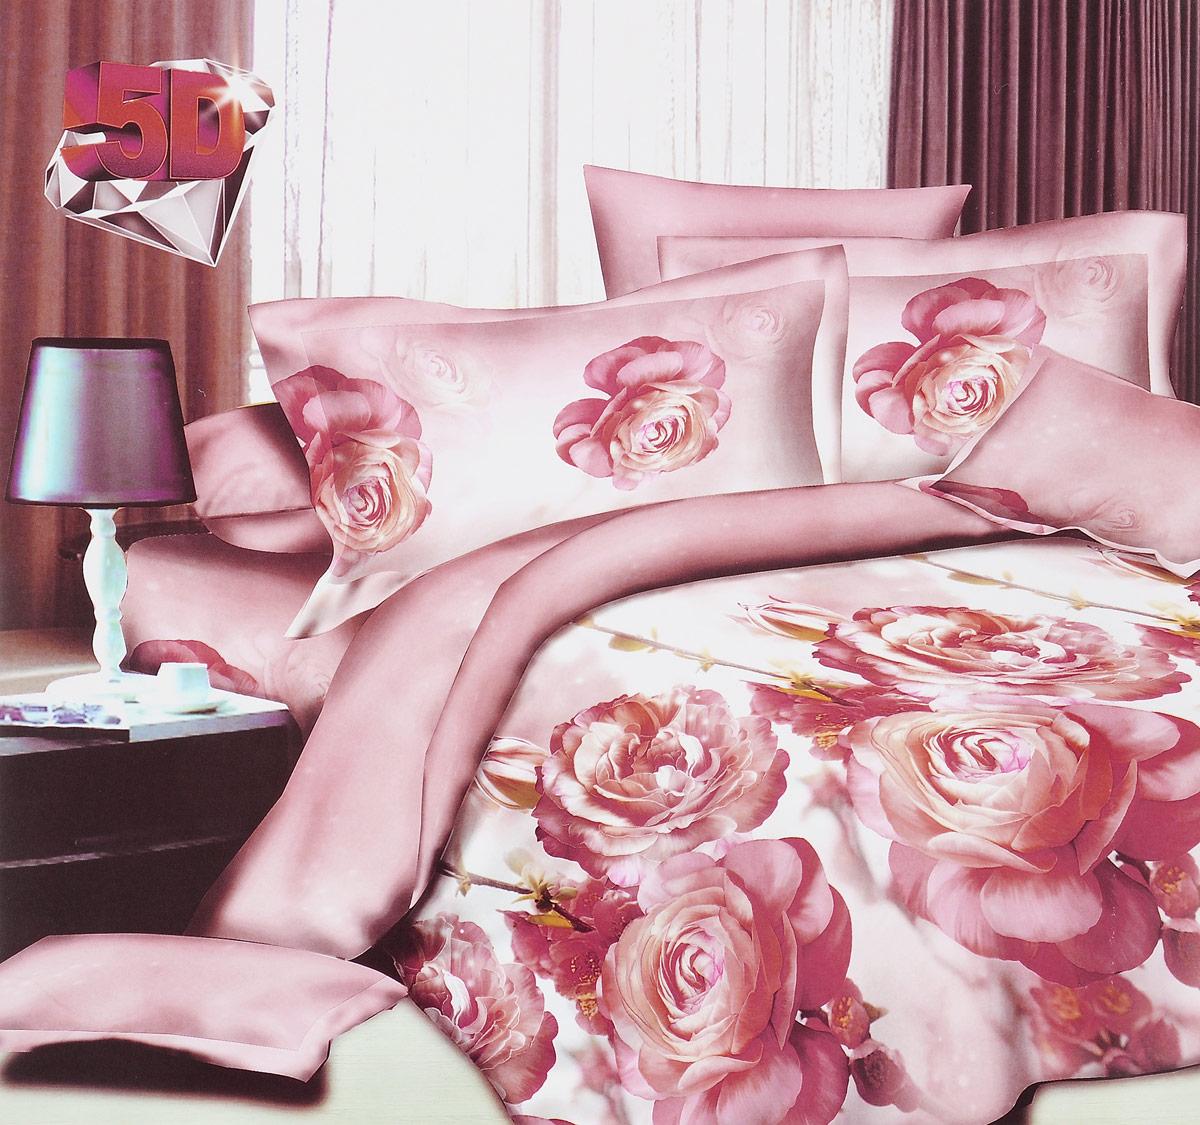 Комплект белья ЭГО Южная Роза, 2-спальный, наволочки 70x70Э-2017-02Комплект белья ЭГО Южная Роза выполнен из полисатина (50% хлопка, 50% полиэстера). Комплект состоит из пододеяльника, простыни и двух наволочек. Постельное белье имеет изысканный внешний вид и яркую цветовую гамму. Гладкая структура делает ткань приятной на ощупь, мягкой и нежной, при этом она прочная и хорошо сохраняет форму. Ткань легко гладится, не линяет и не садится. Приобретая комплект постельного белья ЭГО Южная Роза, вы можете быть уверенны в том, что покупка доставит вам и вашим близким удовольствие и подарит максимальный комфорт.